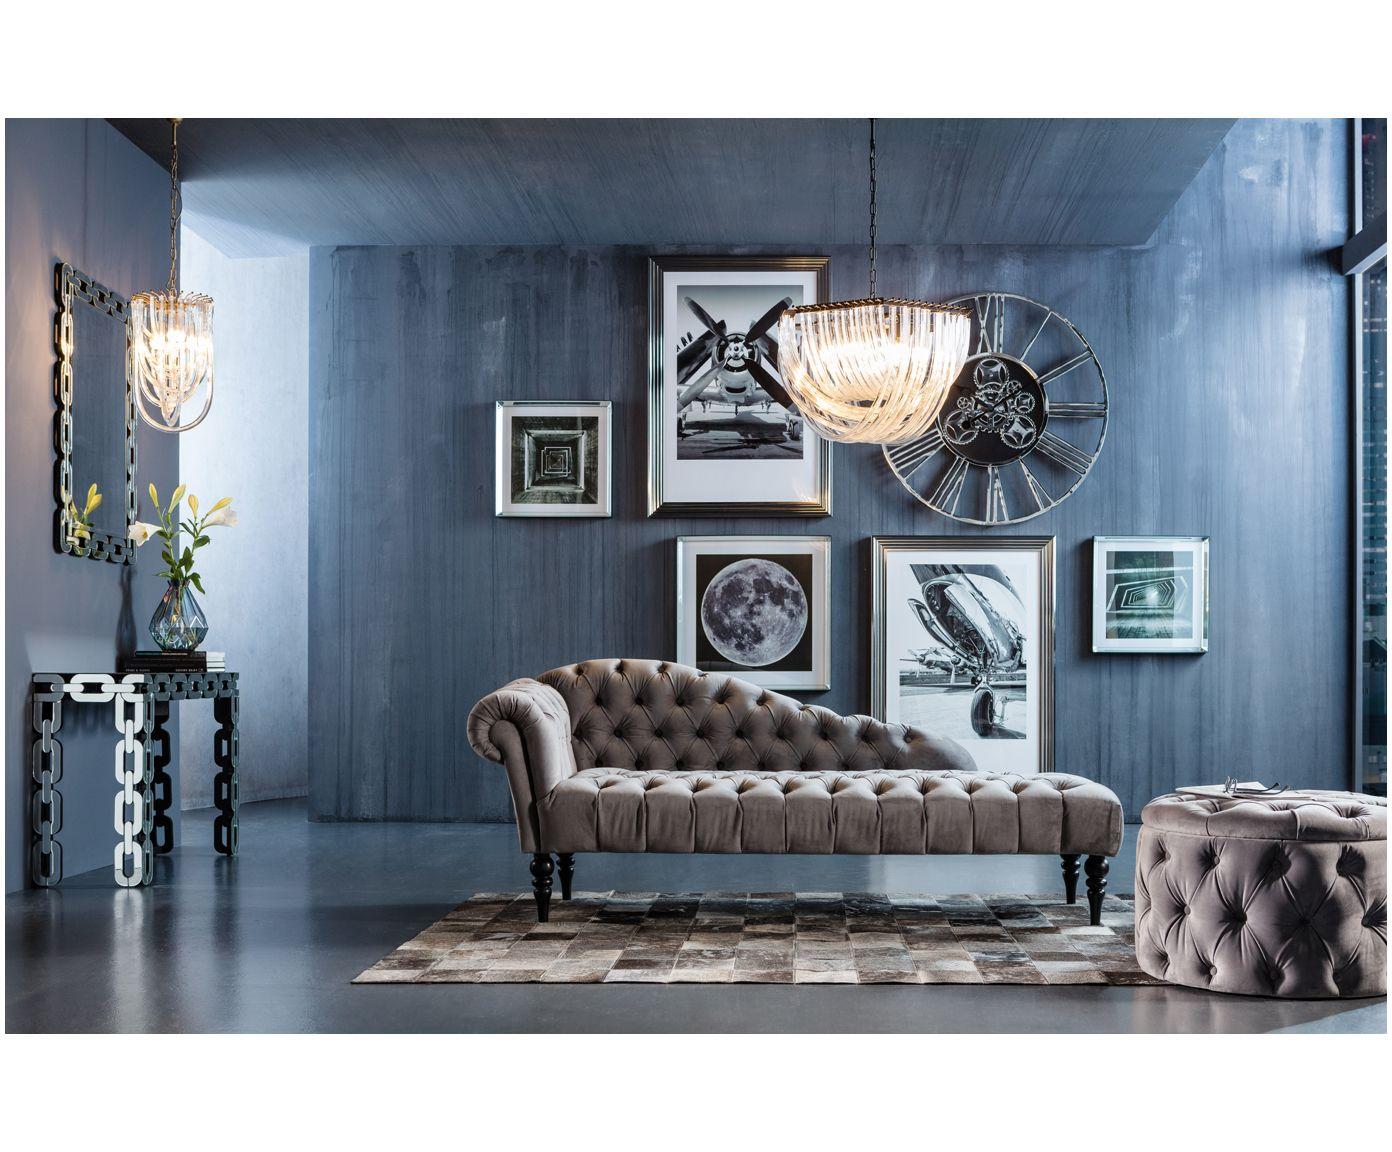 Samt hocker chest desire breitwieser kare design möbel sofa